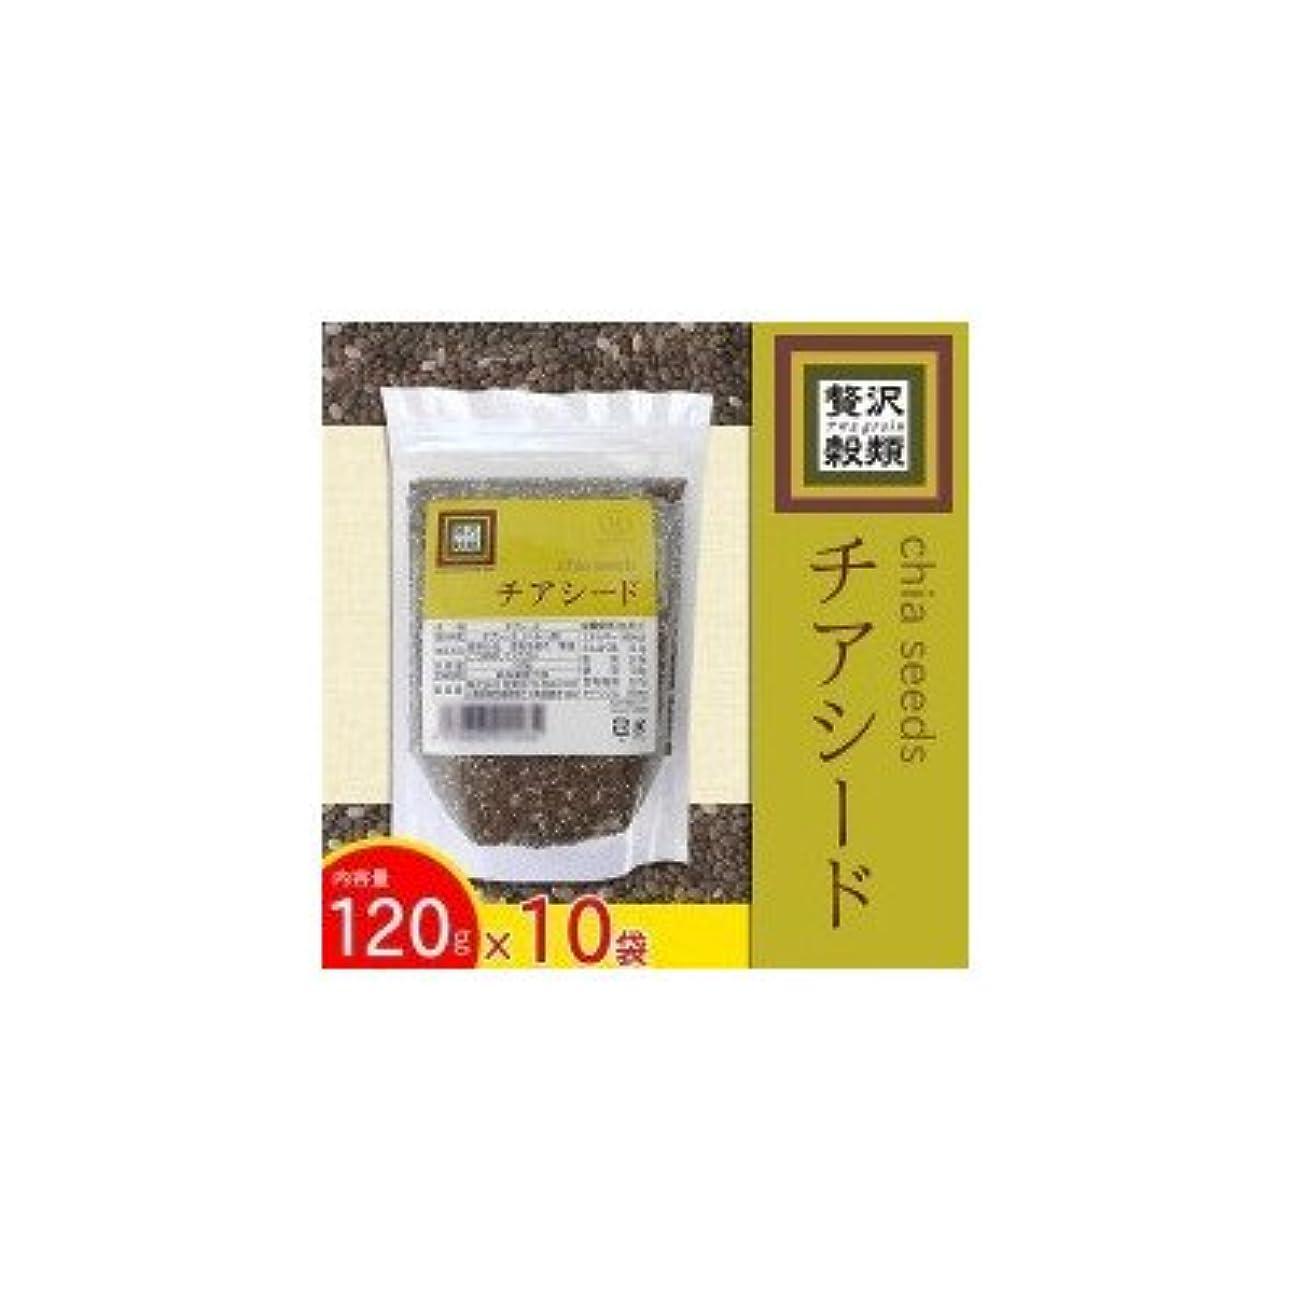 交流する逆重なる贅沢穀類 チアシード 120g×10袋